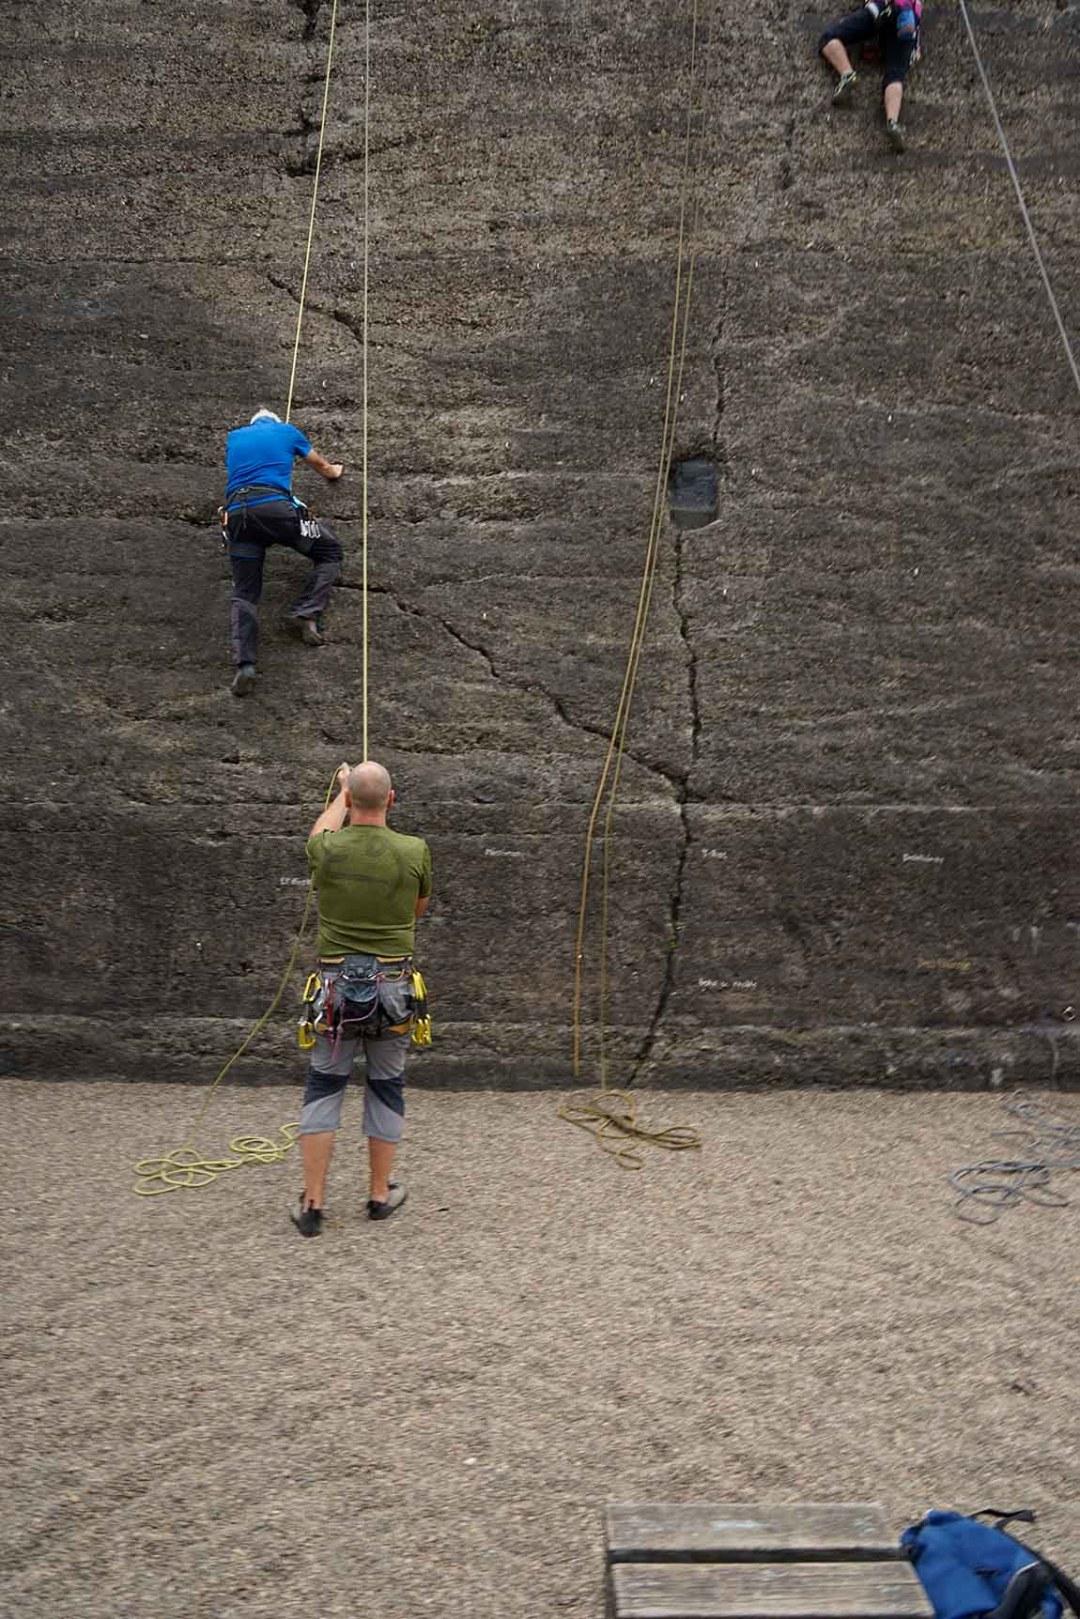 Wolfgang Ahrens In der Kletterwan IV 2019